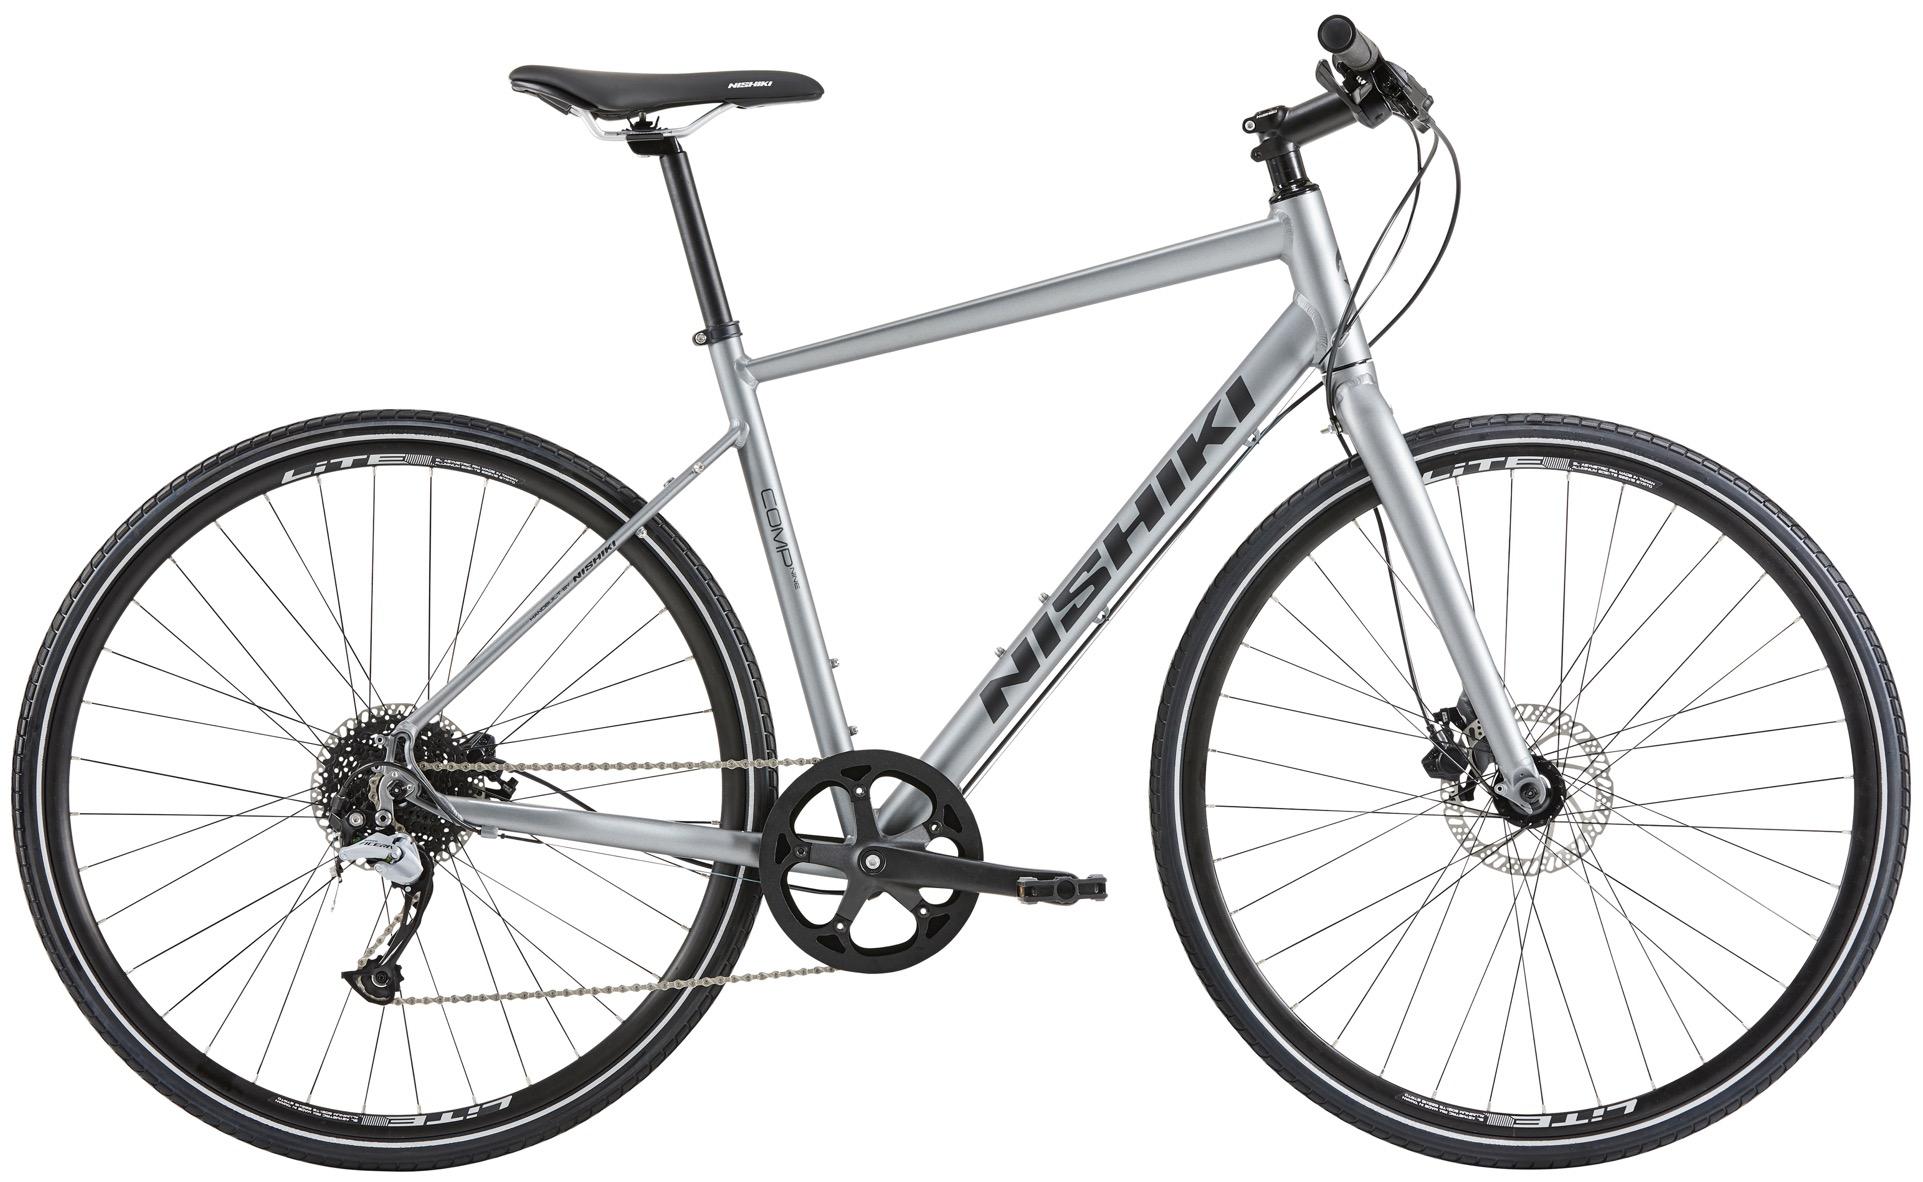 Pedalatleten Nishiki Comp Nine Herre 9 Gear Mat Grå - 2020 Cykler||Nishiki Cykler